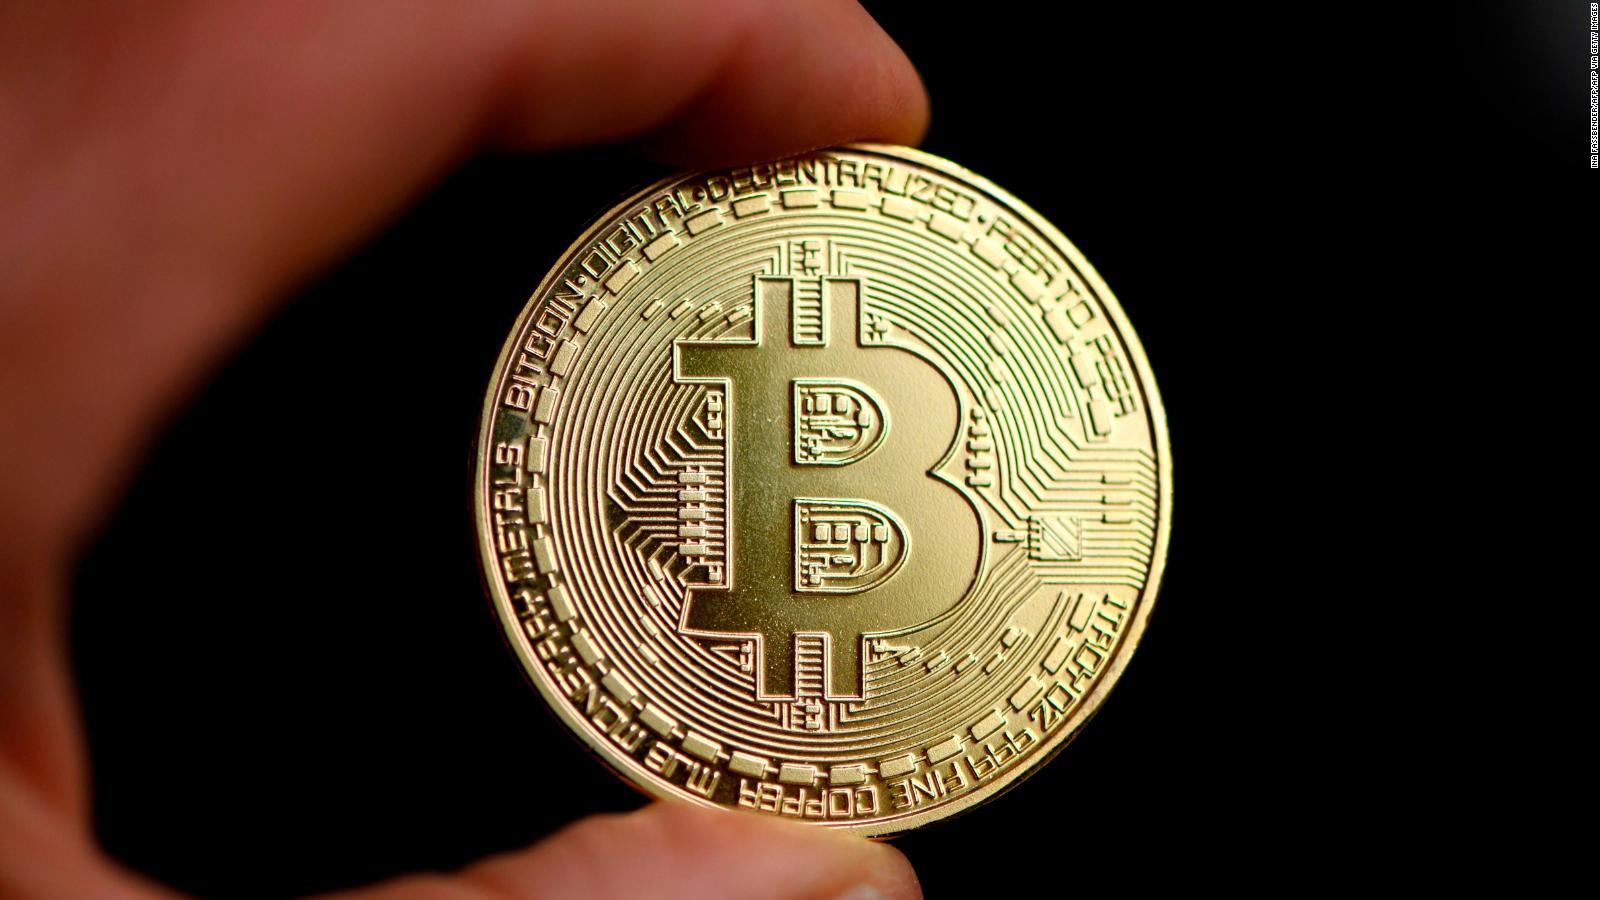 quais as semelhanças e diferenças entre o real (moeda brasileira) e as criptomoedas site para negociar bitcoin